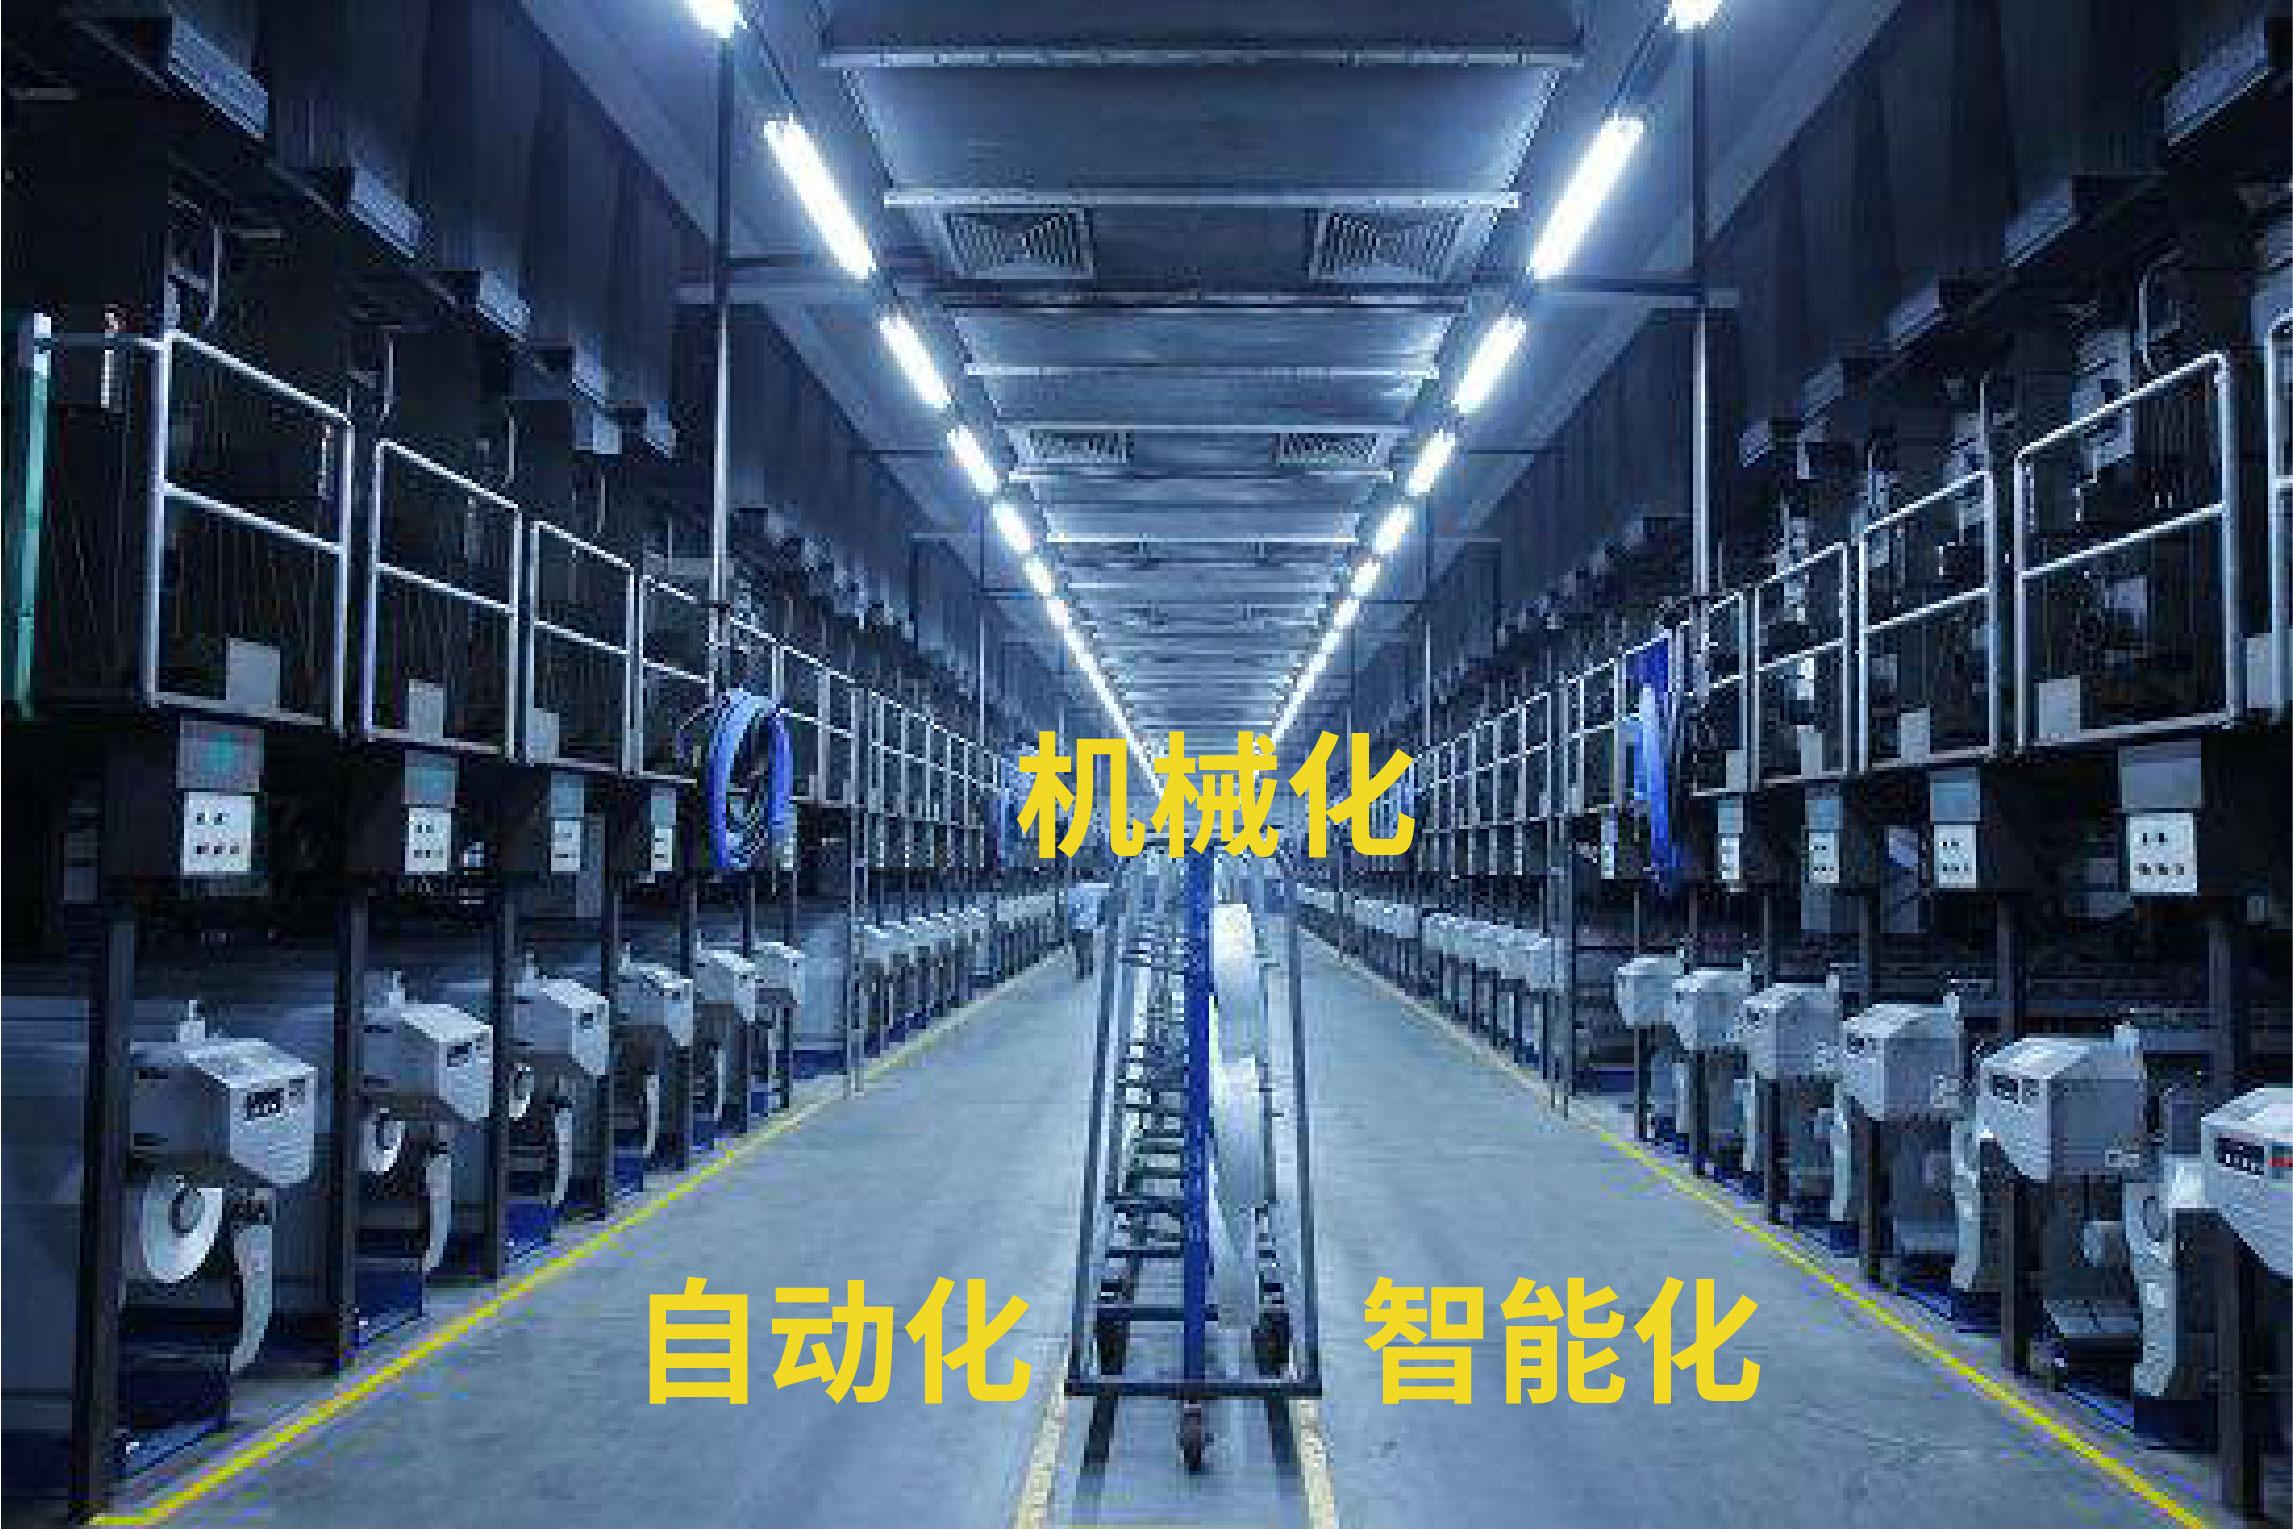 盘点 | 中国10大最震撼的无人工厂